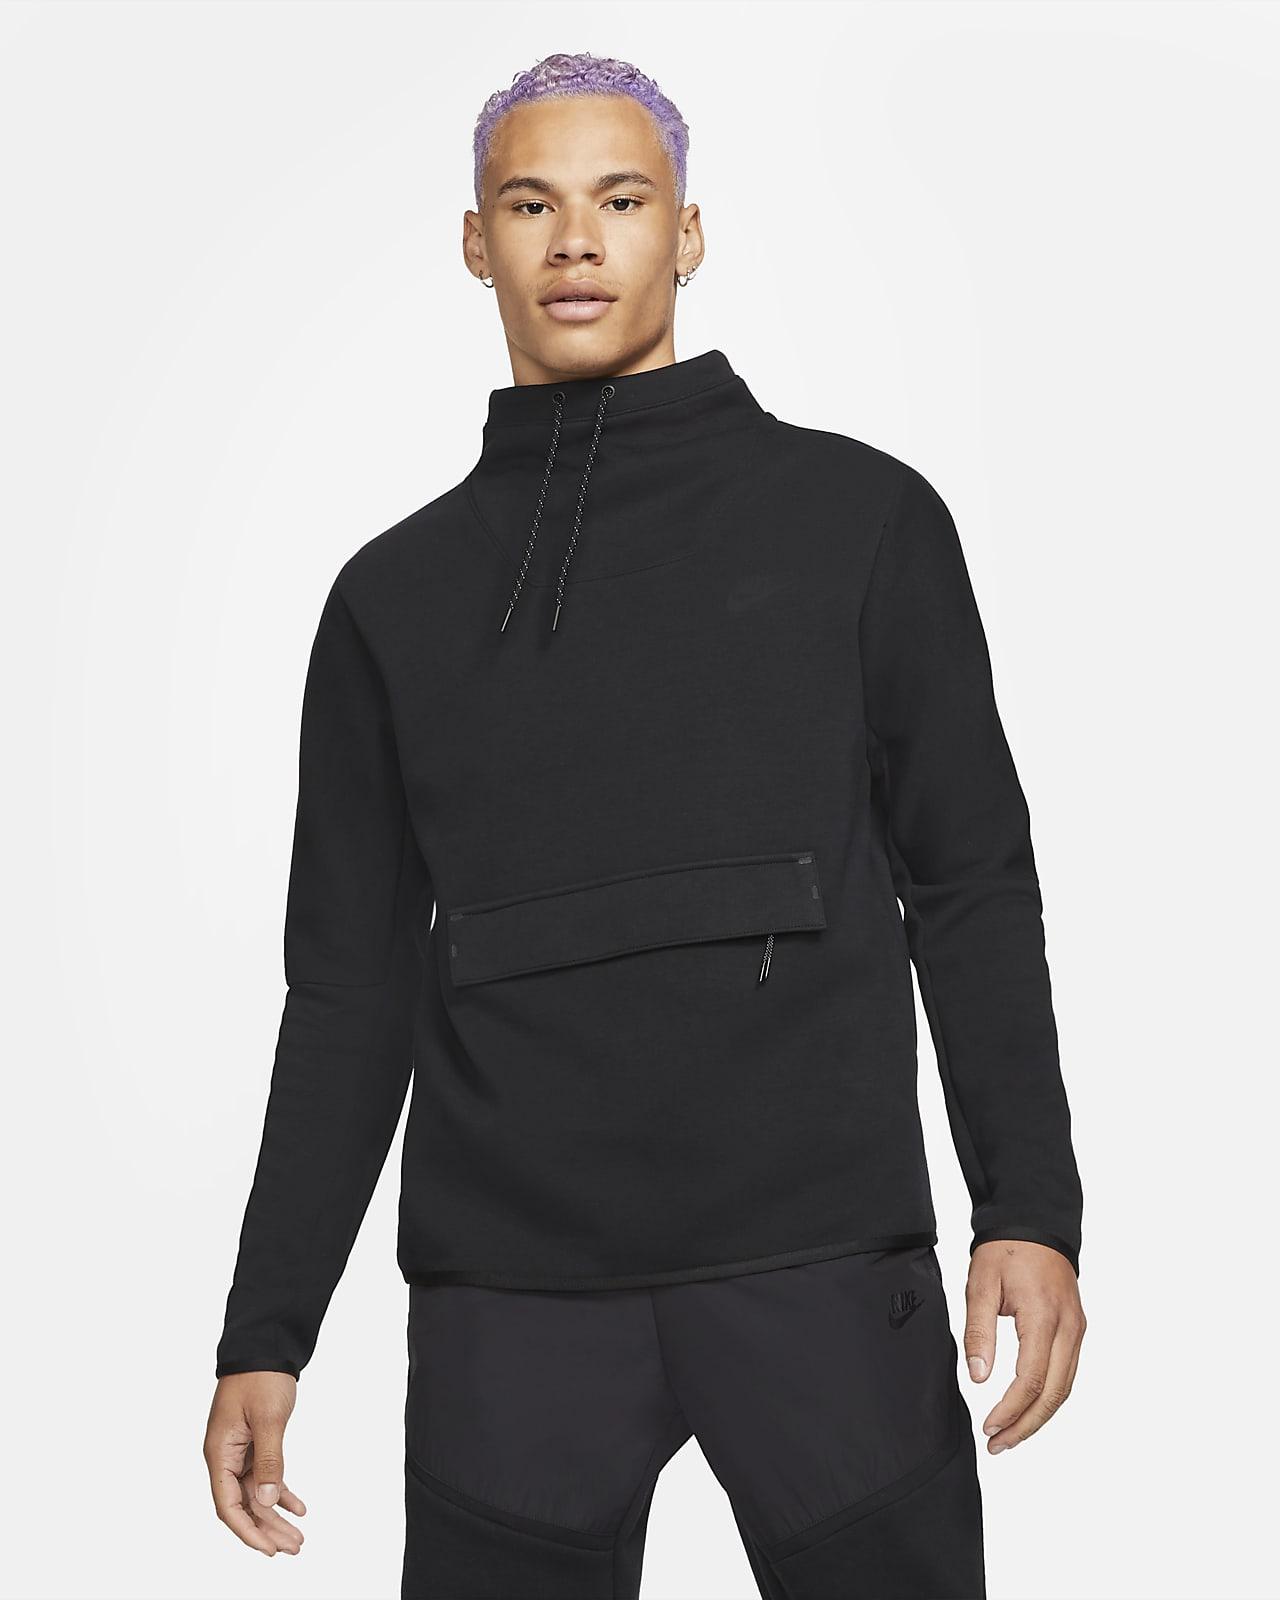 Nike Sportswear Tech Fleece Langarm-Oberteil mit Stehkragen für Herren